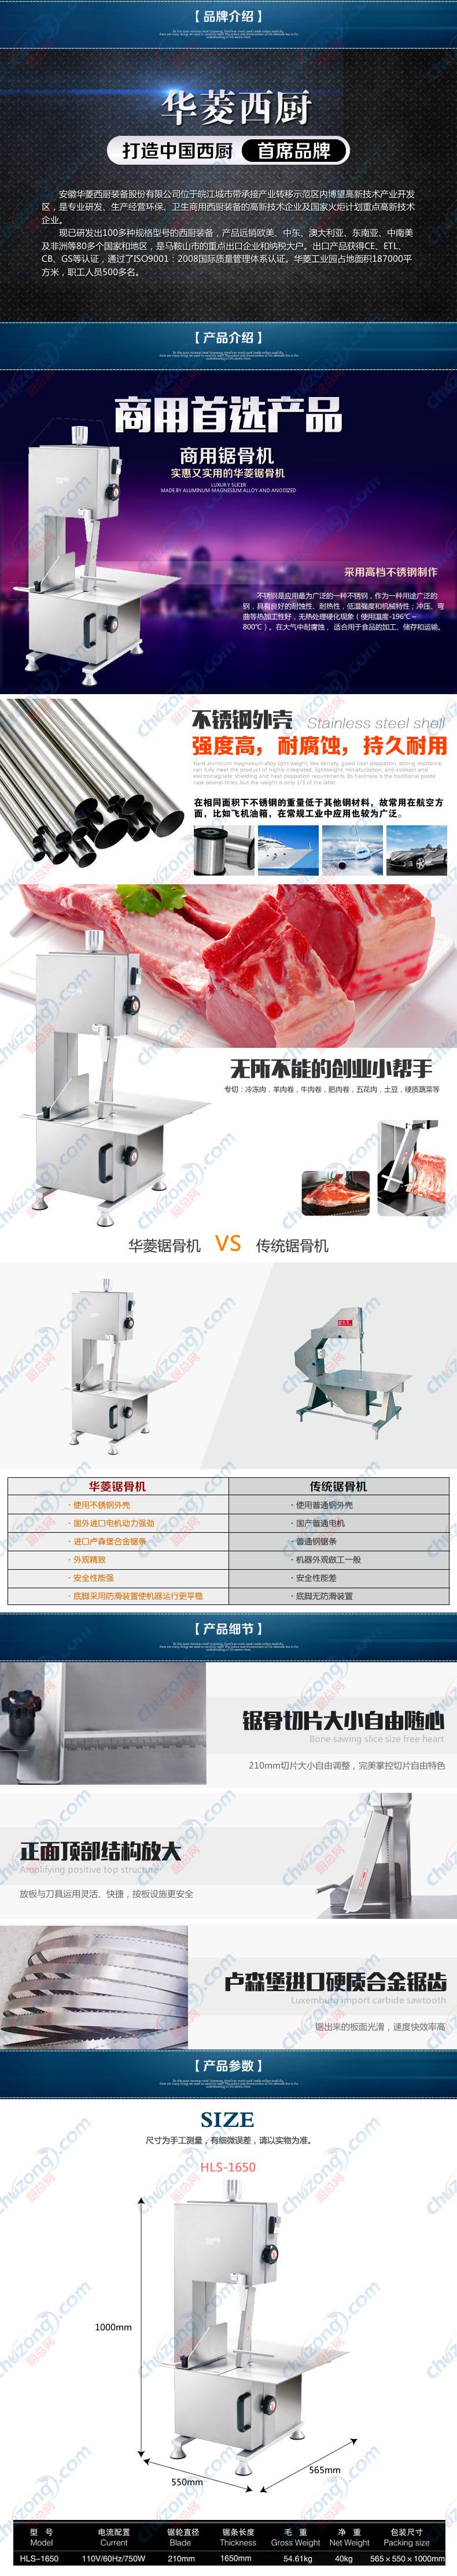 华菱西厨锯骨机,不锈钢锯骨机,商用锯骨机HLS-1650